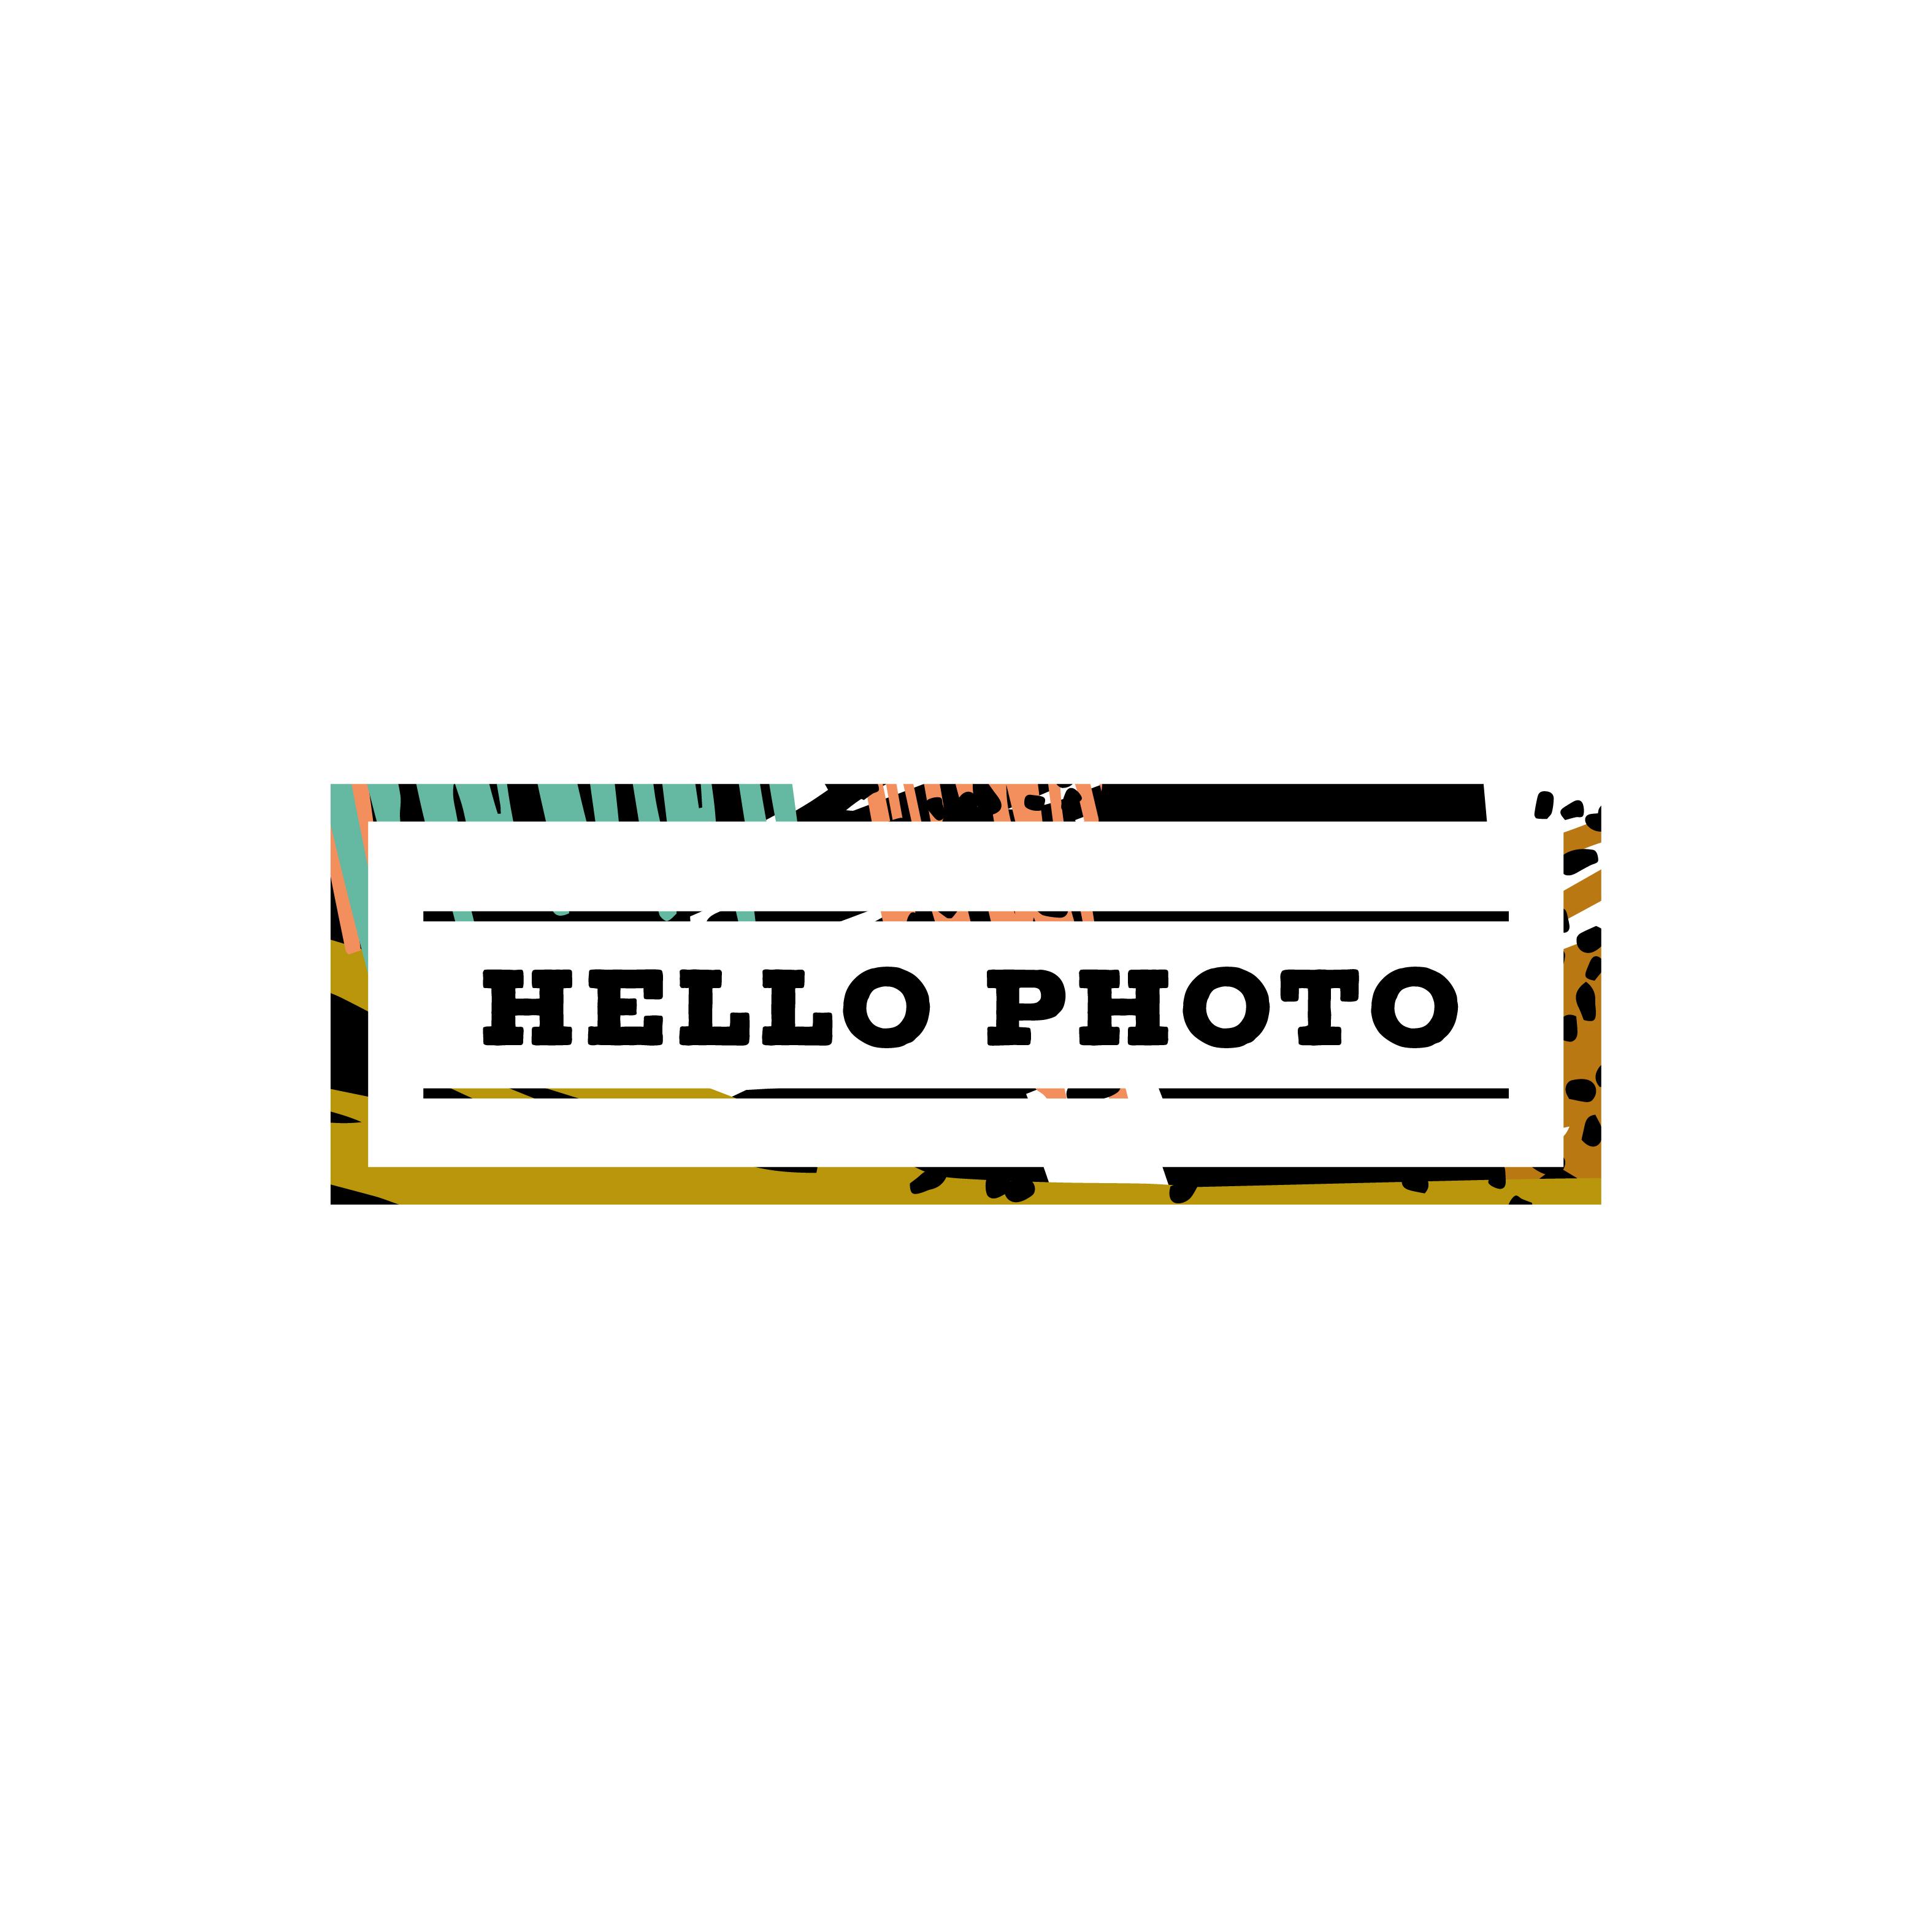 hellophoto-01